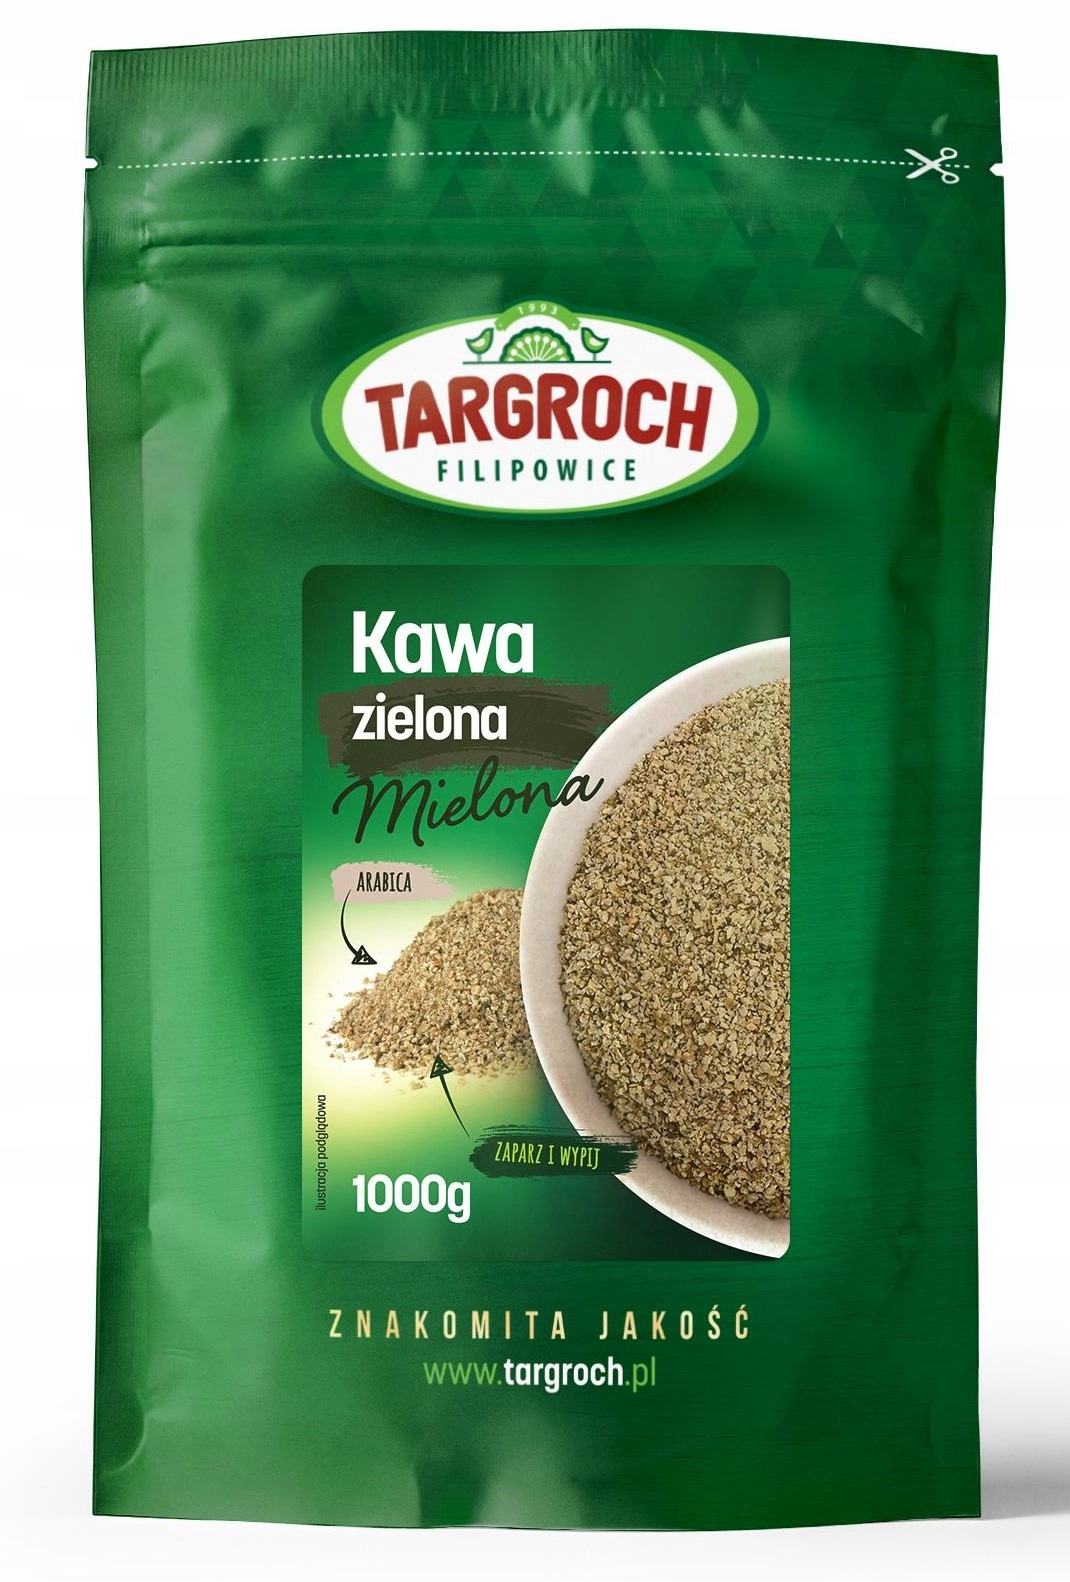 TARGROCH Kawa zielona mielona 1000g odchudzanie